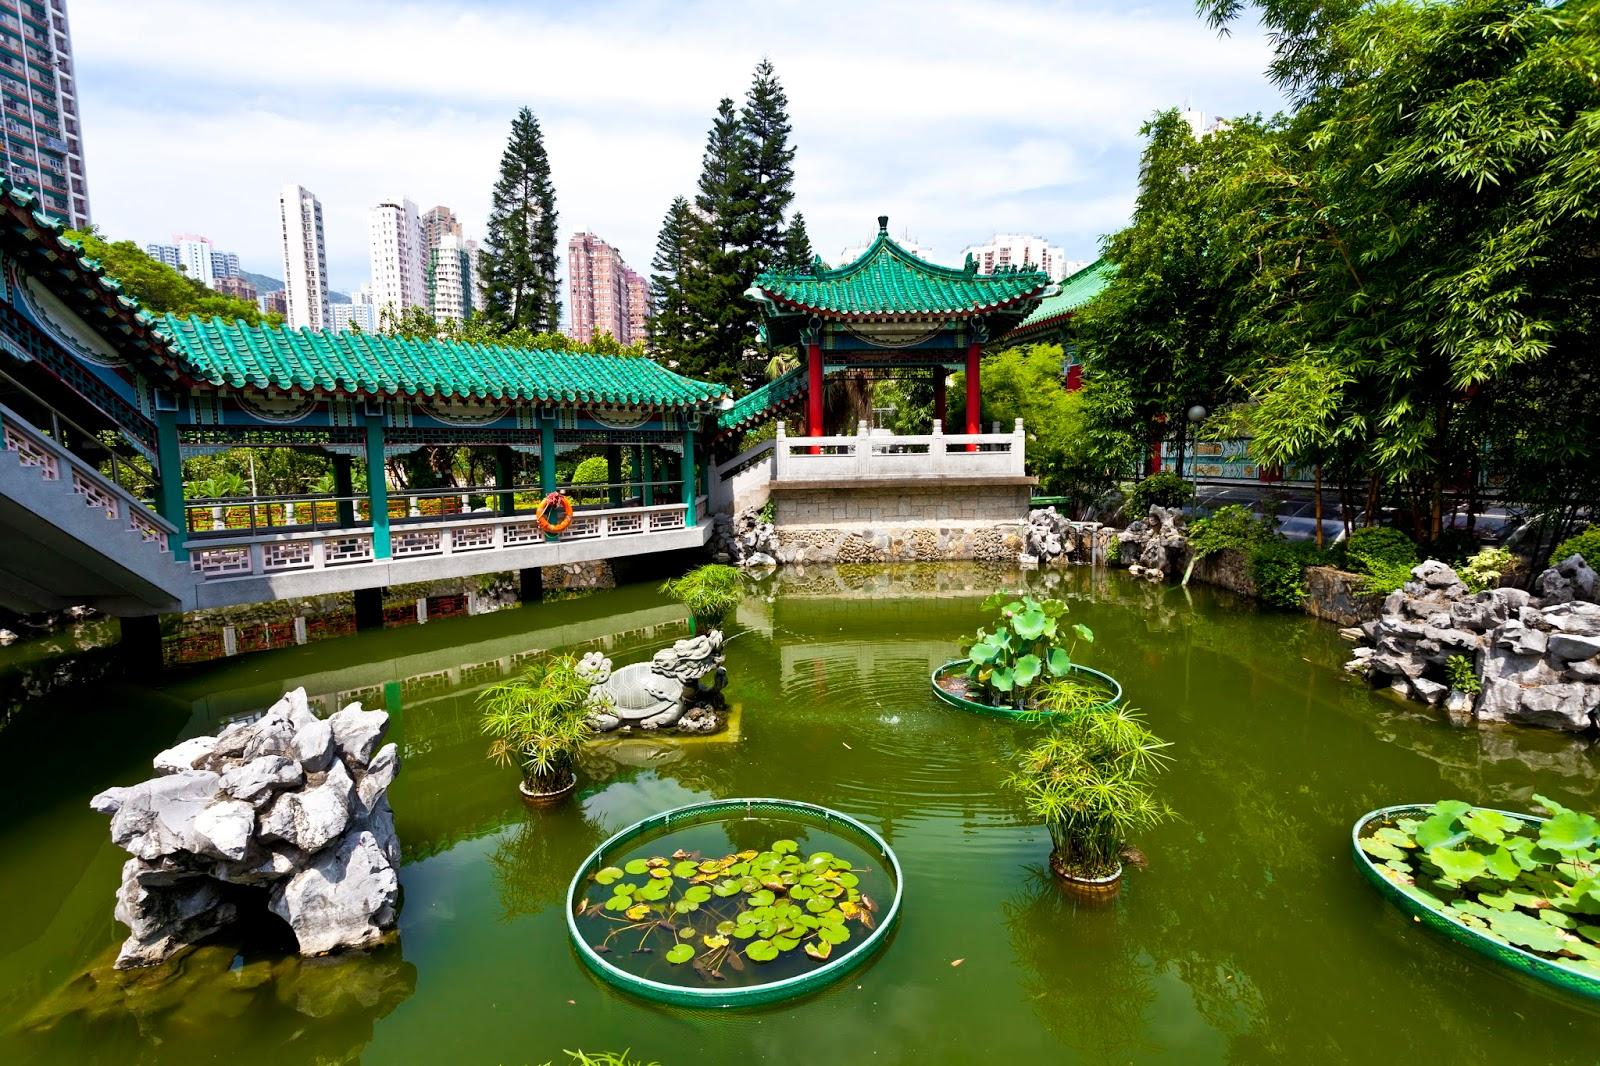 Im gene experience 12 fotos gratis de casas residencias for Jardin chino